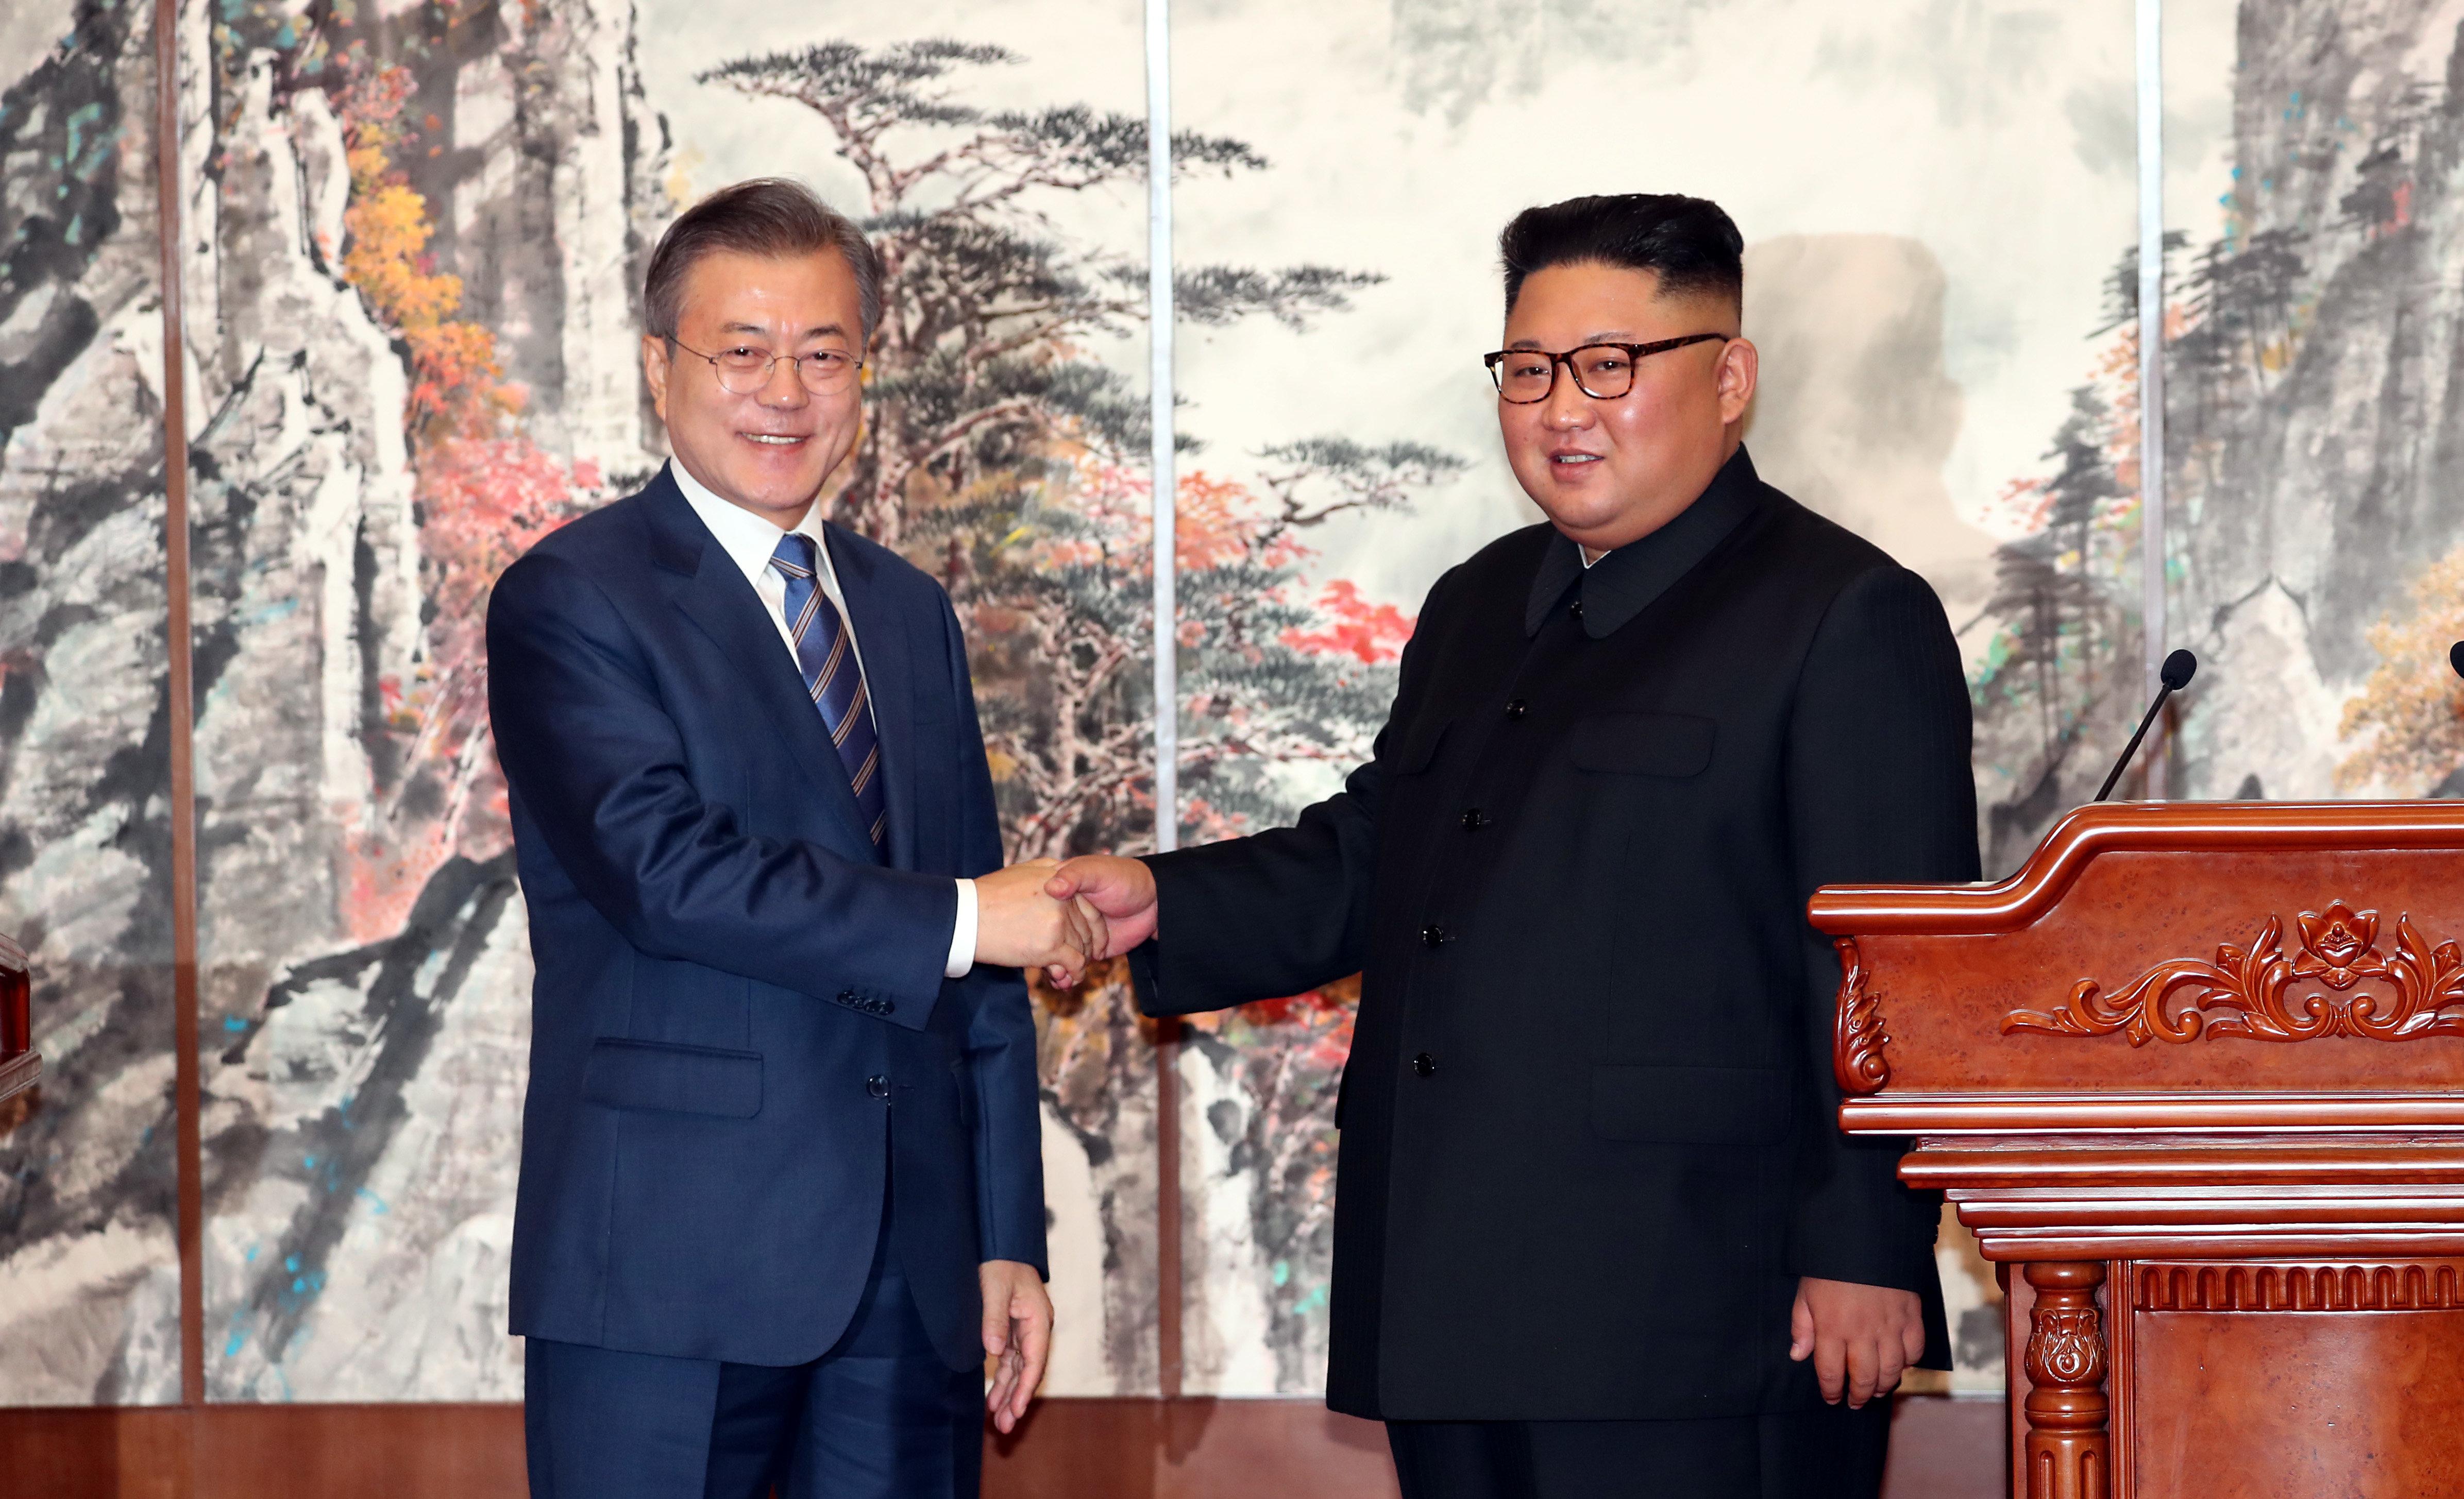 [남북정상회담] 남북 정상이 비핵화 방안에 합의했다 ('평양공동선언' 전문)